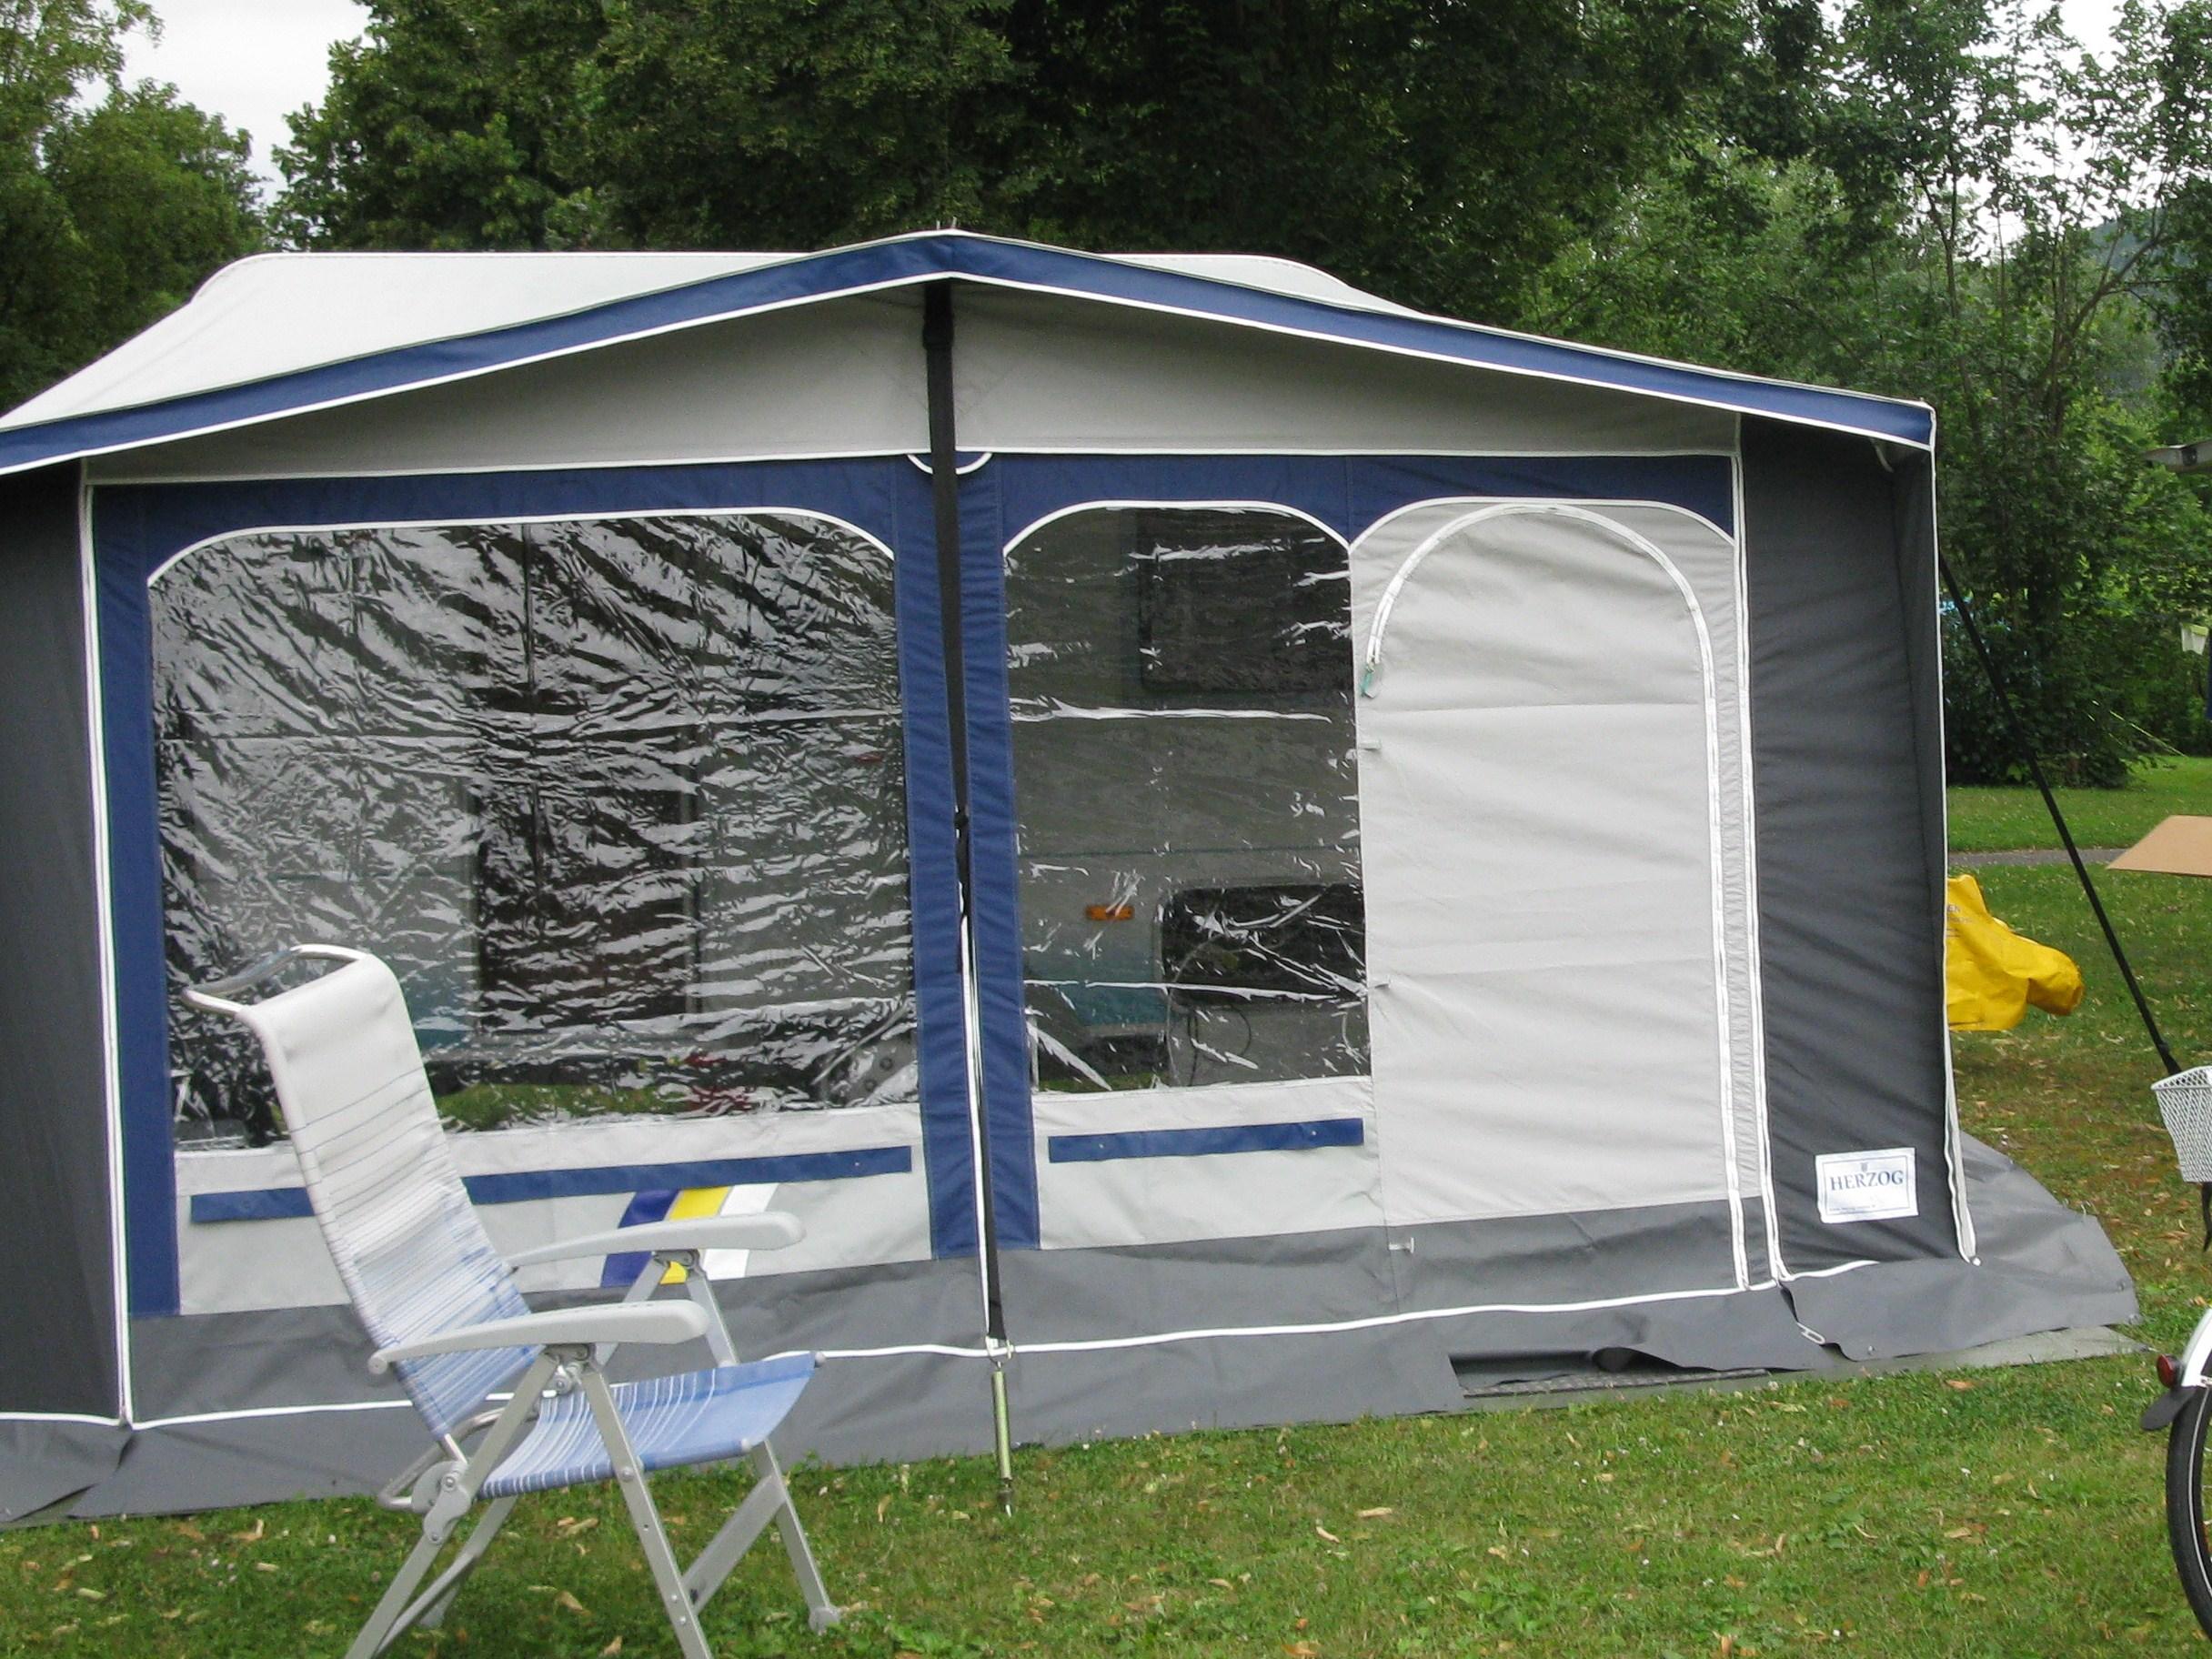 camping kleinanzeigen in solingen seite 3. Black Bedroom Furniture Sets. Home Design Ideas